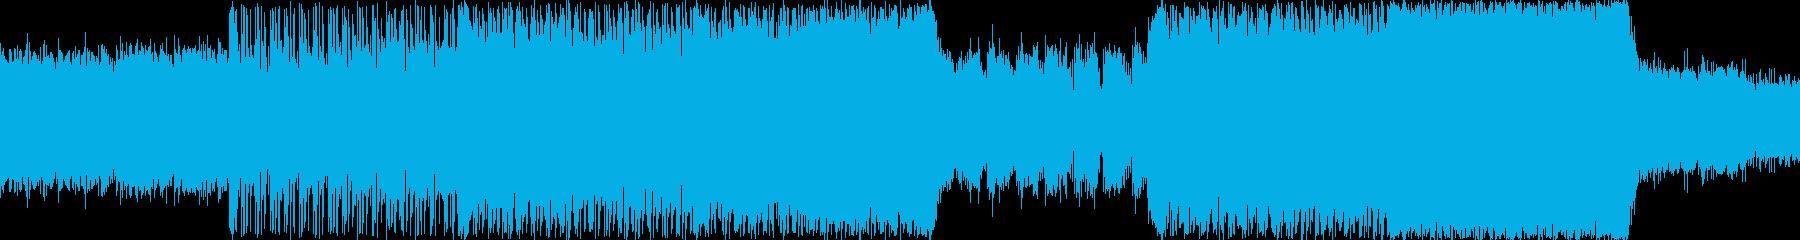 ヘヴィロック 感情的 説明的 静か...の再生済みの波形